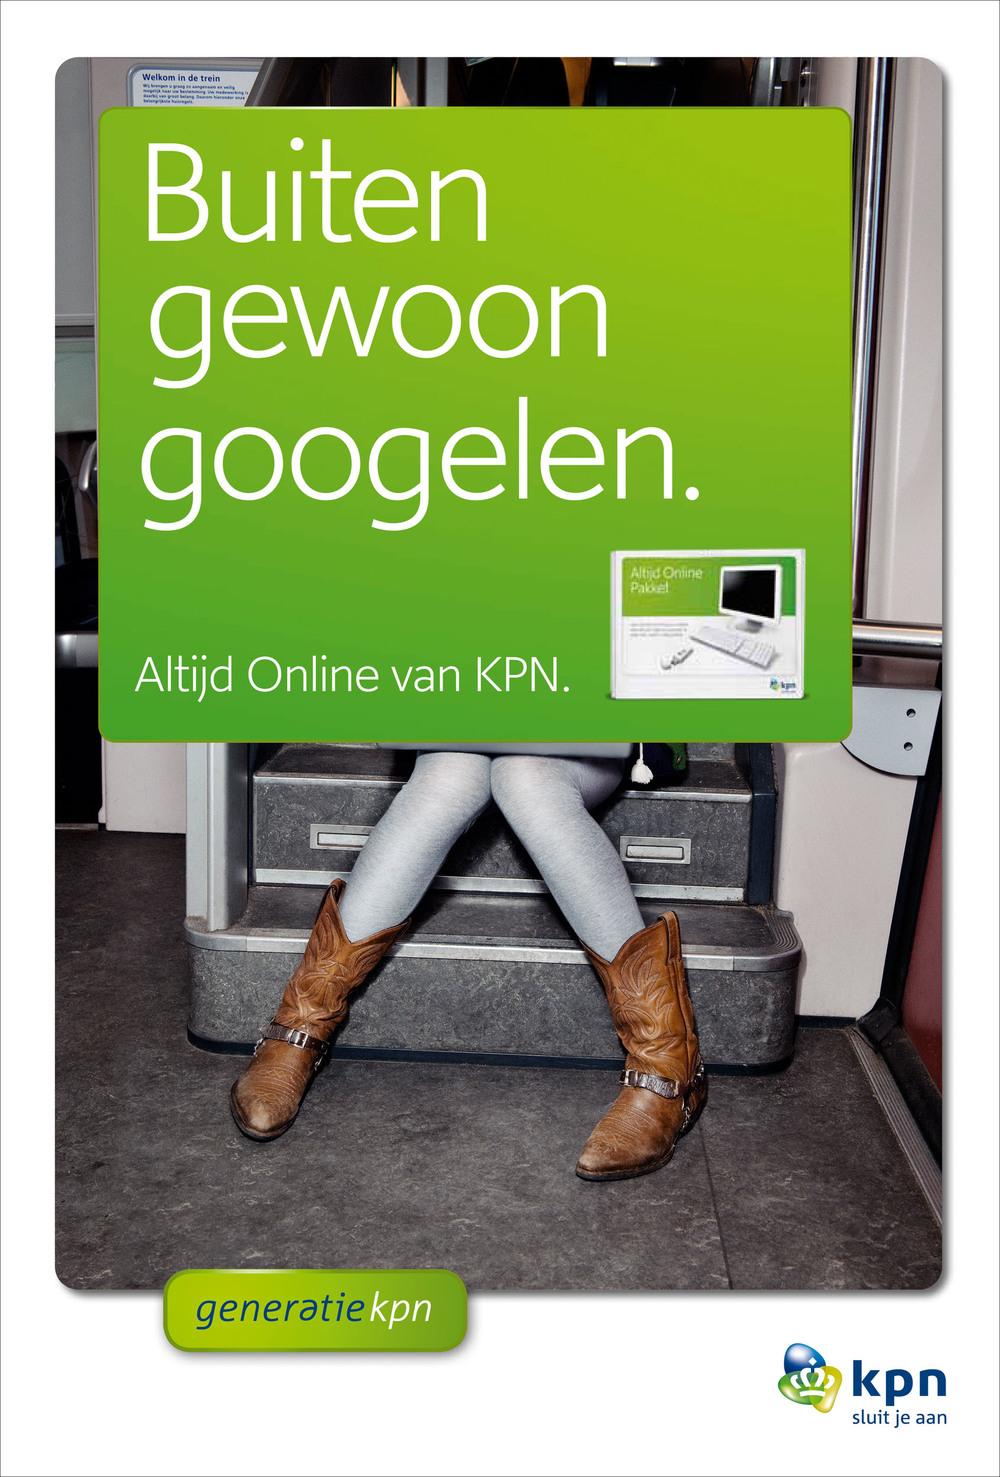 MU Abri_Buiten Gewoon 237x350_2.jpg